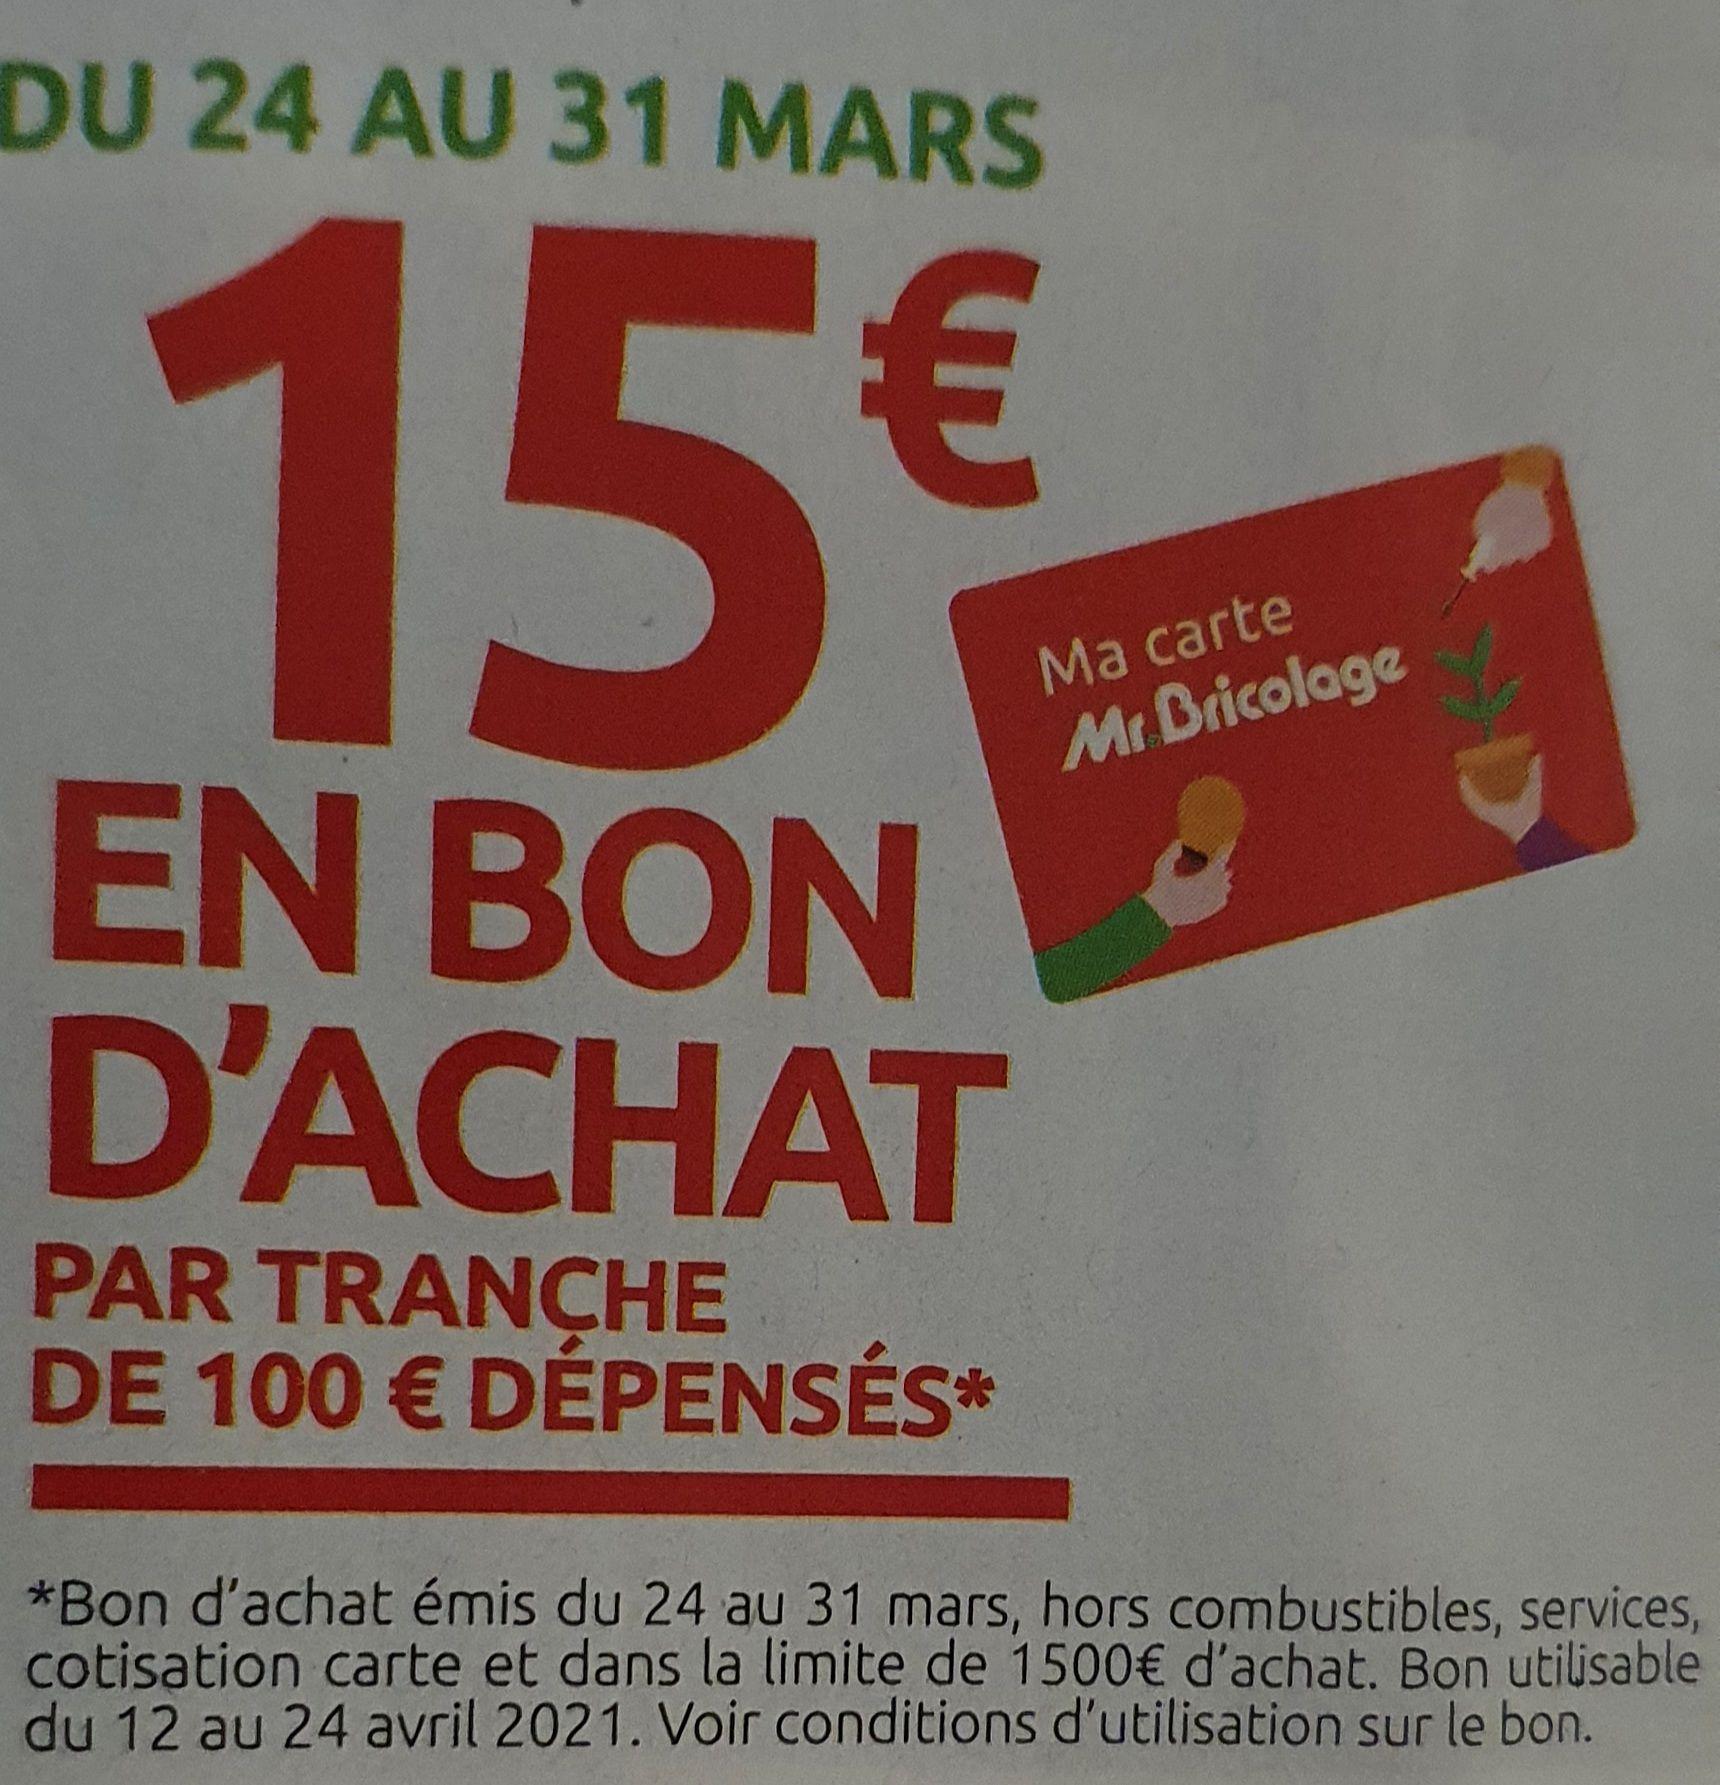 [Carte Mr Bricolage] 15€ en bon d'achat par tranche de 100€ d'achat